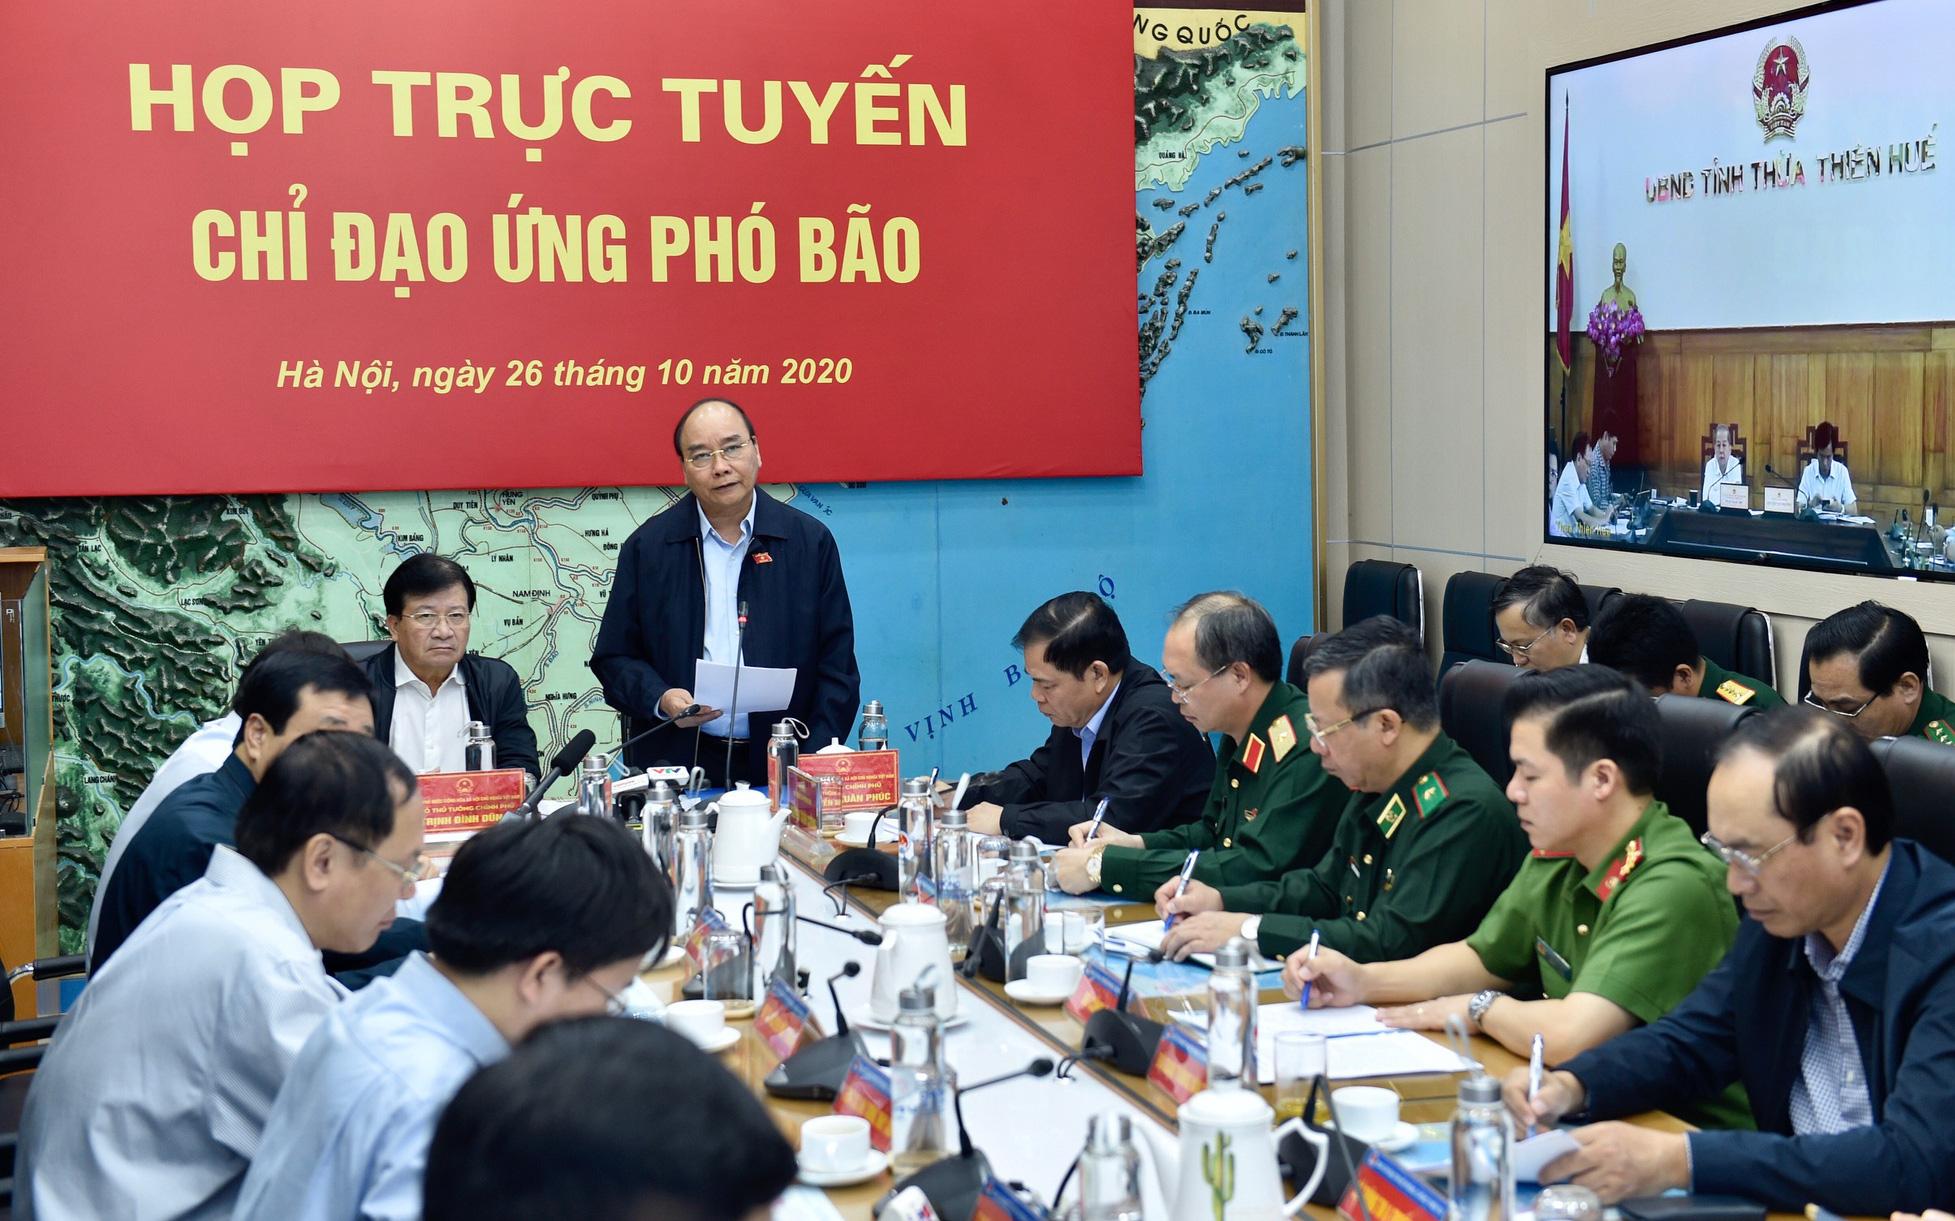 Bão số 9 được dự báo mạnh đặc biệt, Thủ tướng họp khẩn với các địa phương, kích hoạt rủi ro thiên tai cấp 4